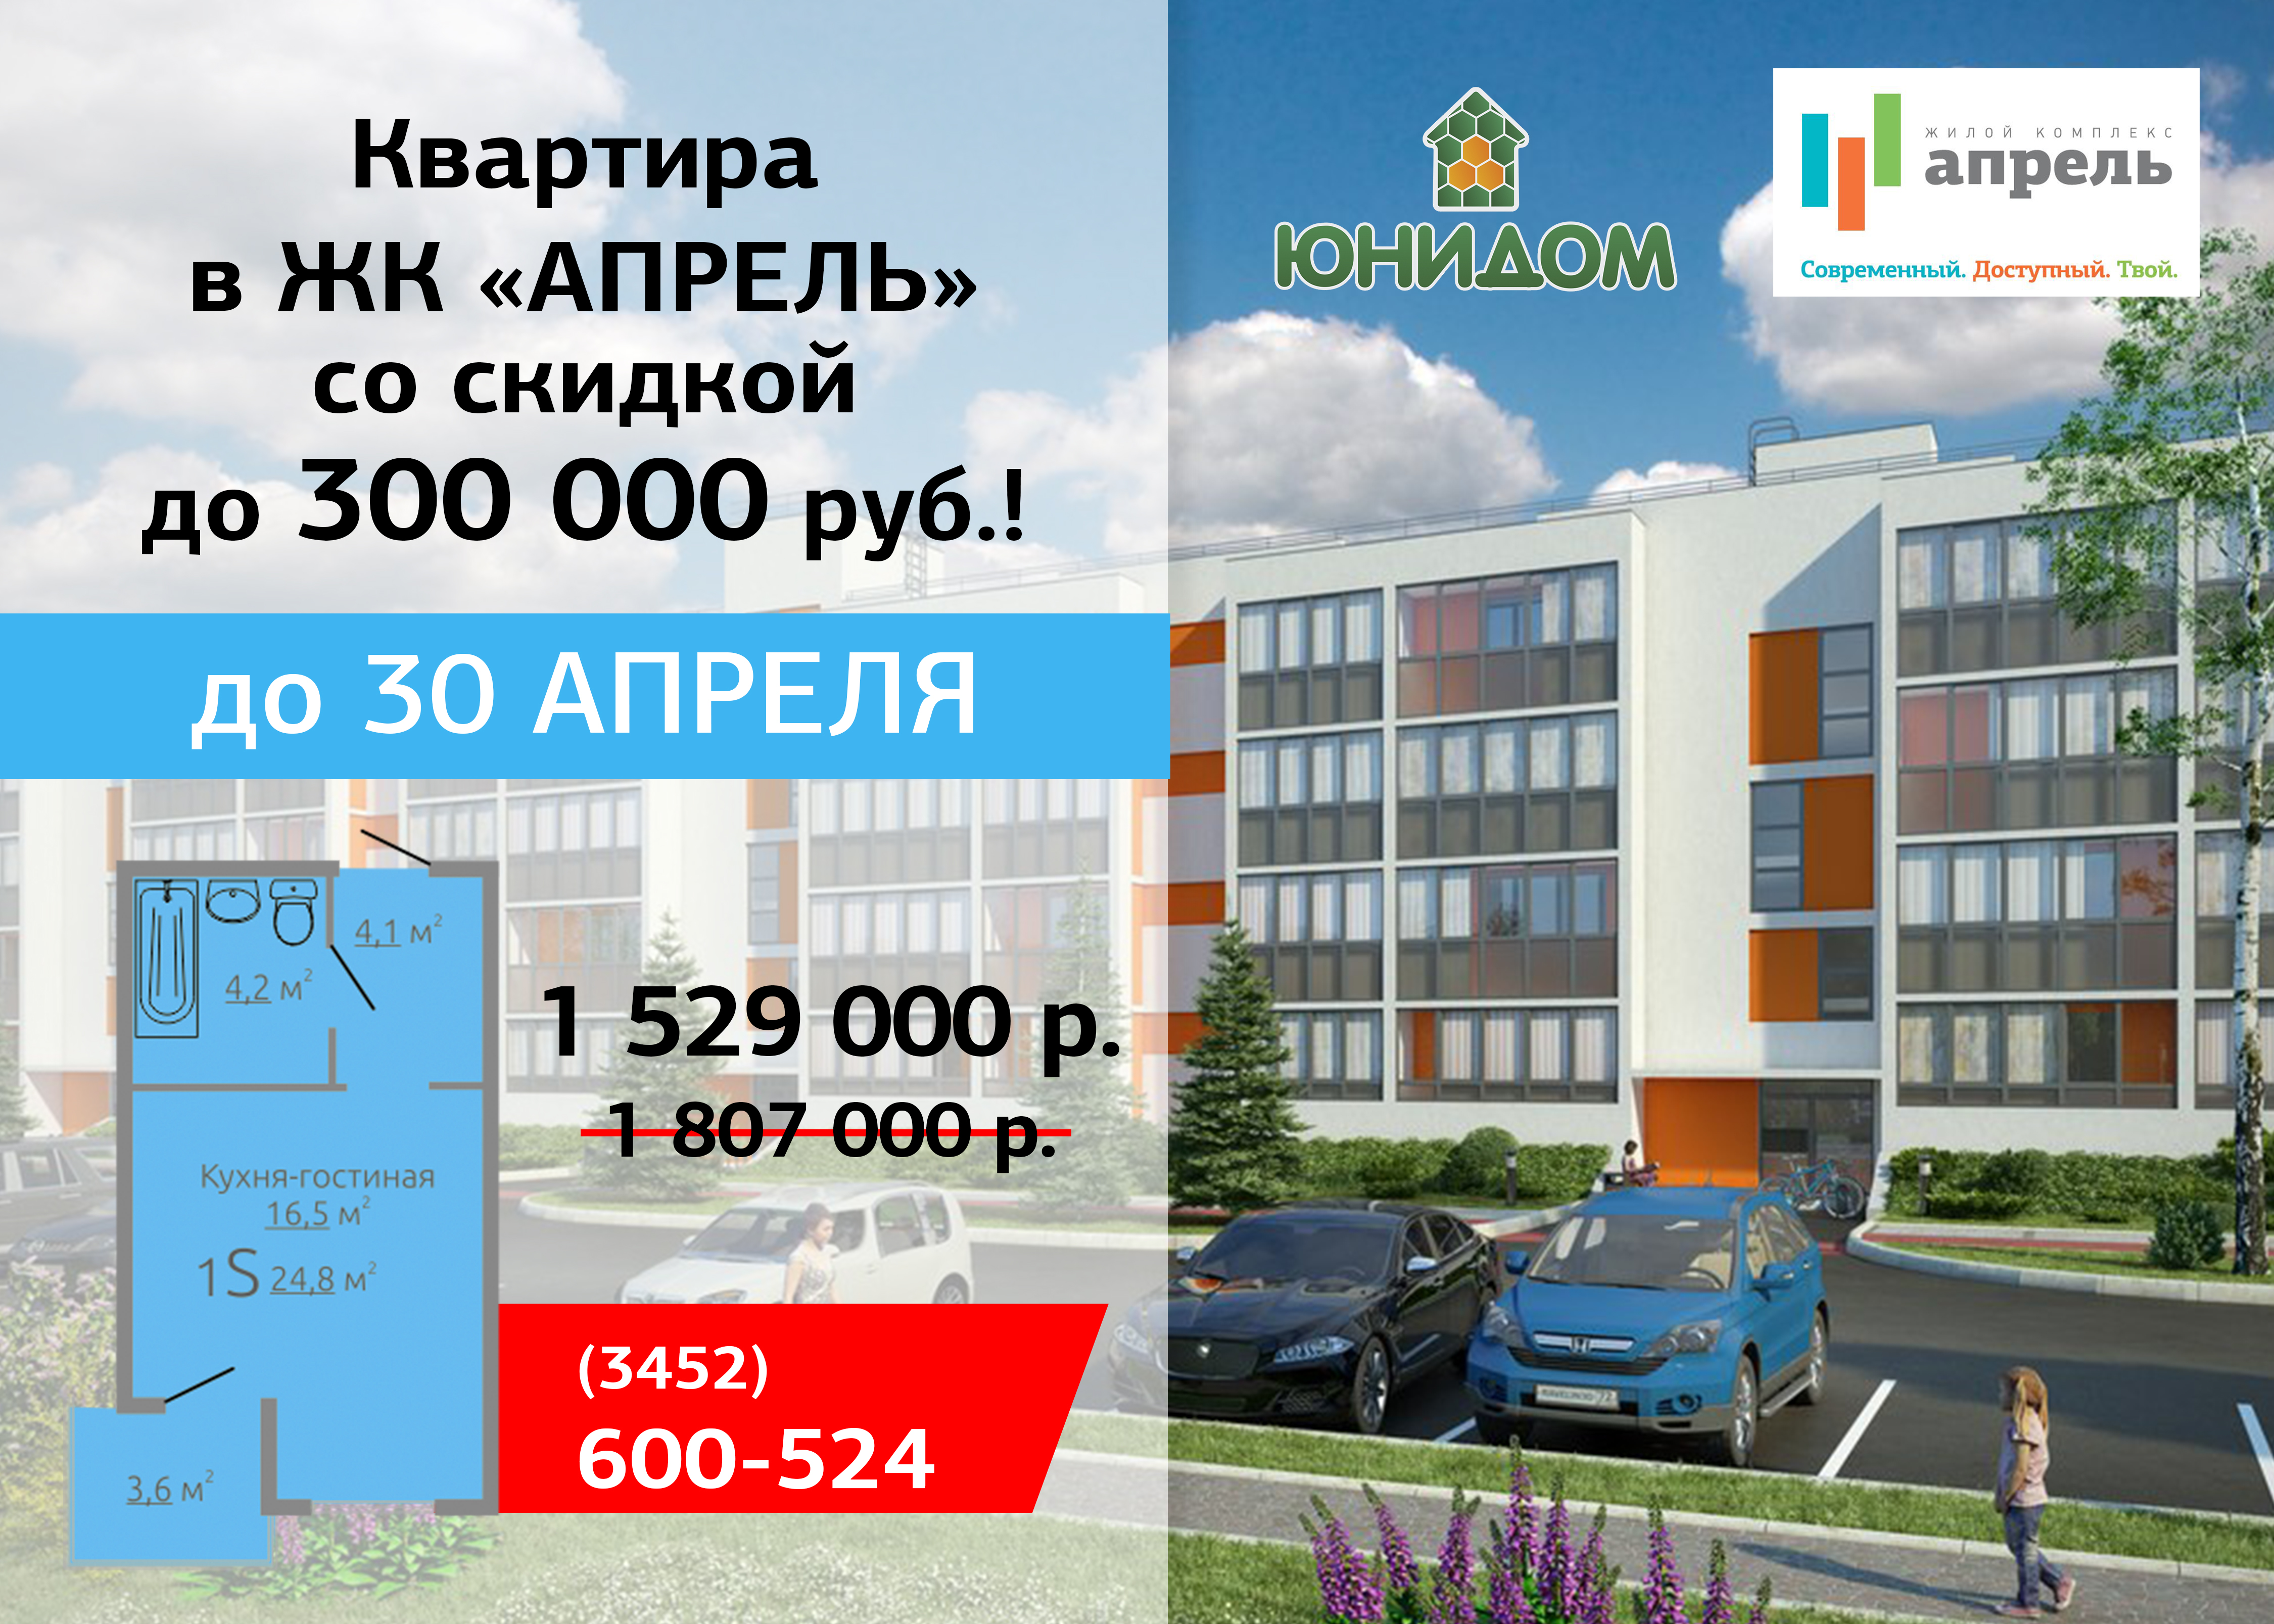 Только для клиентов «Юнидома» — особая цена на квартиры в «Апреле»